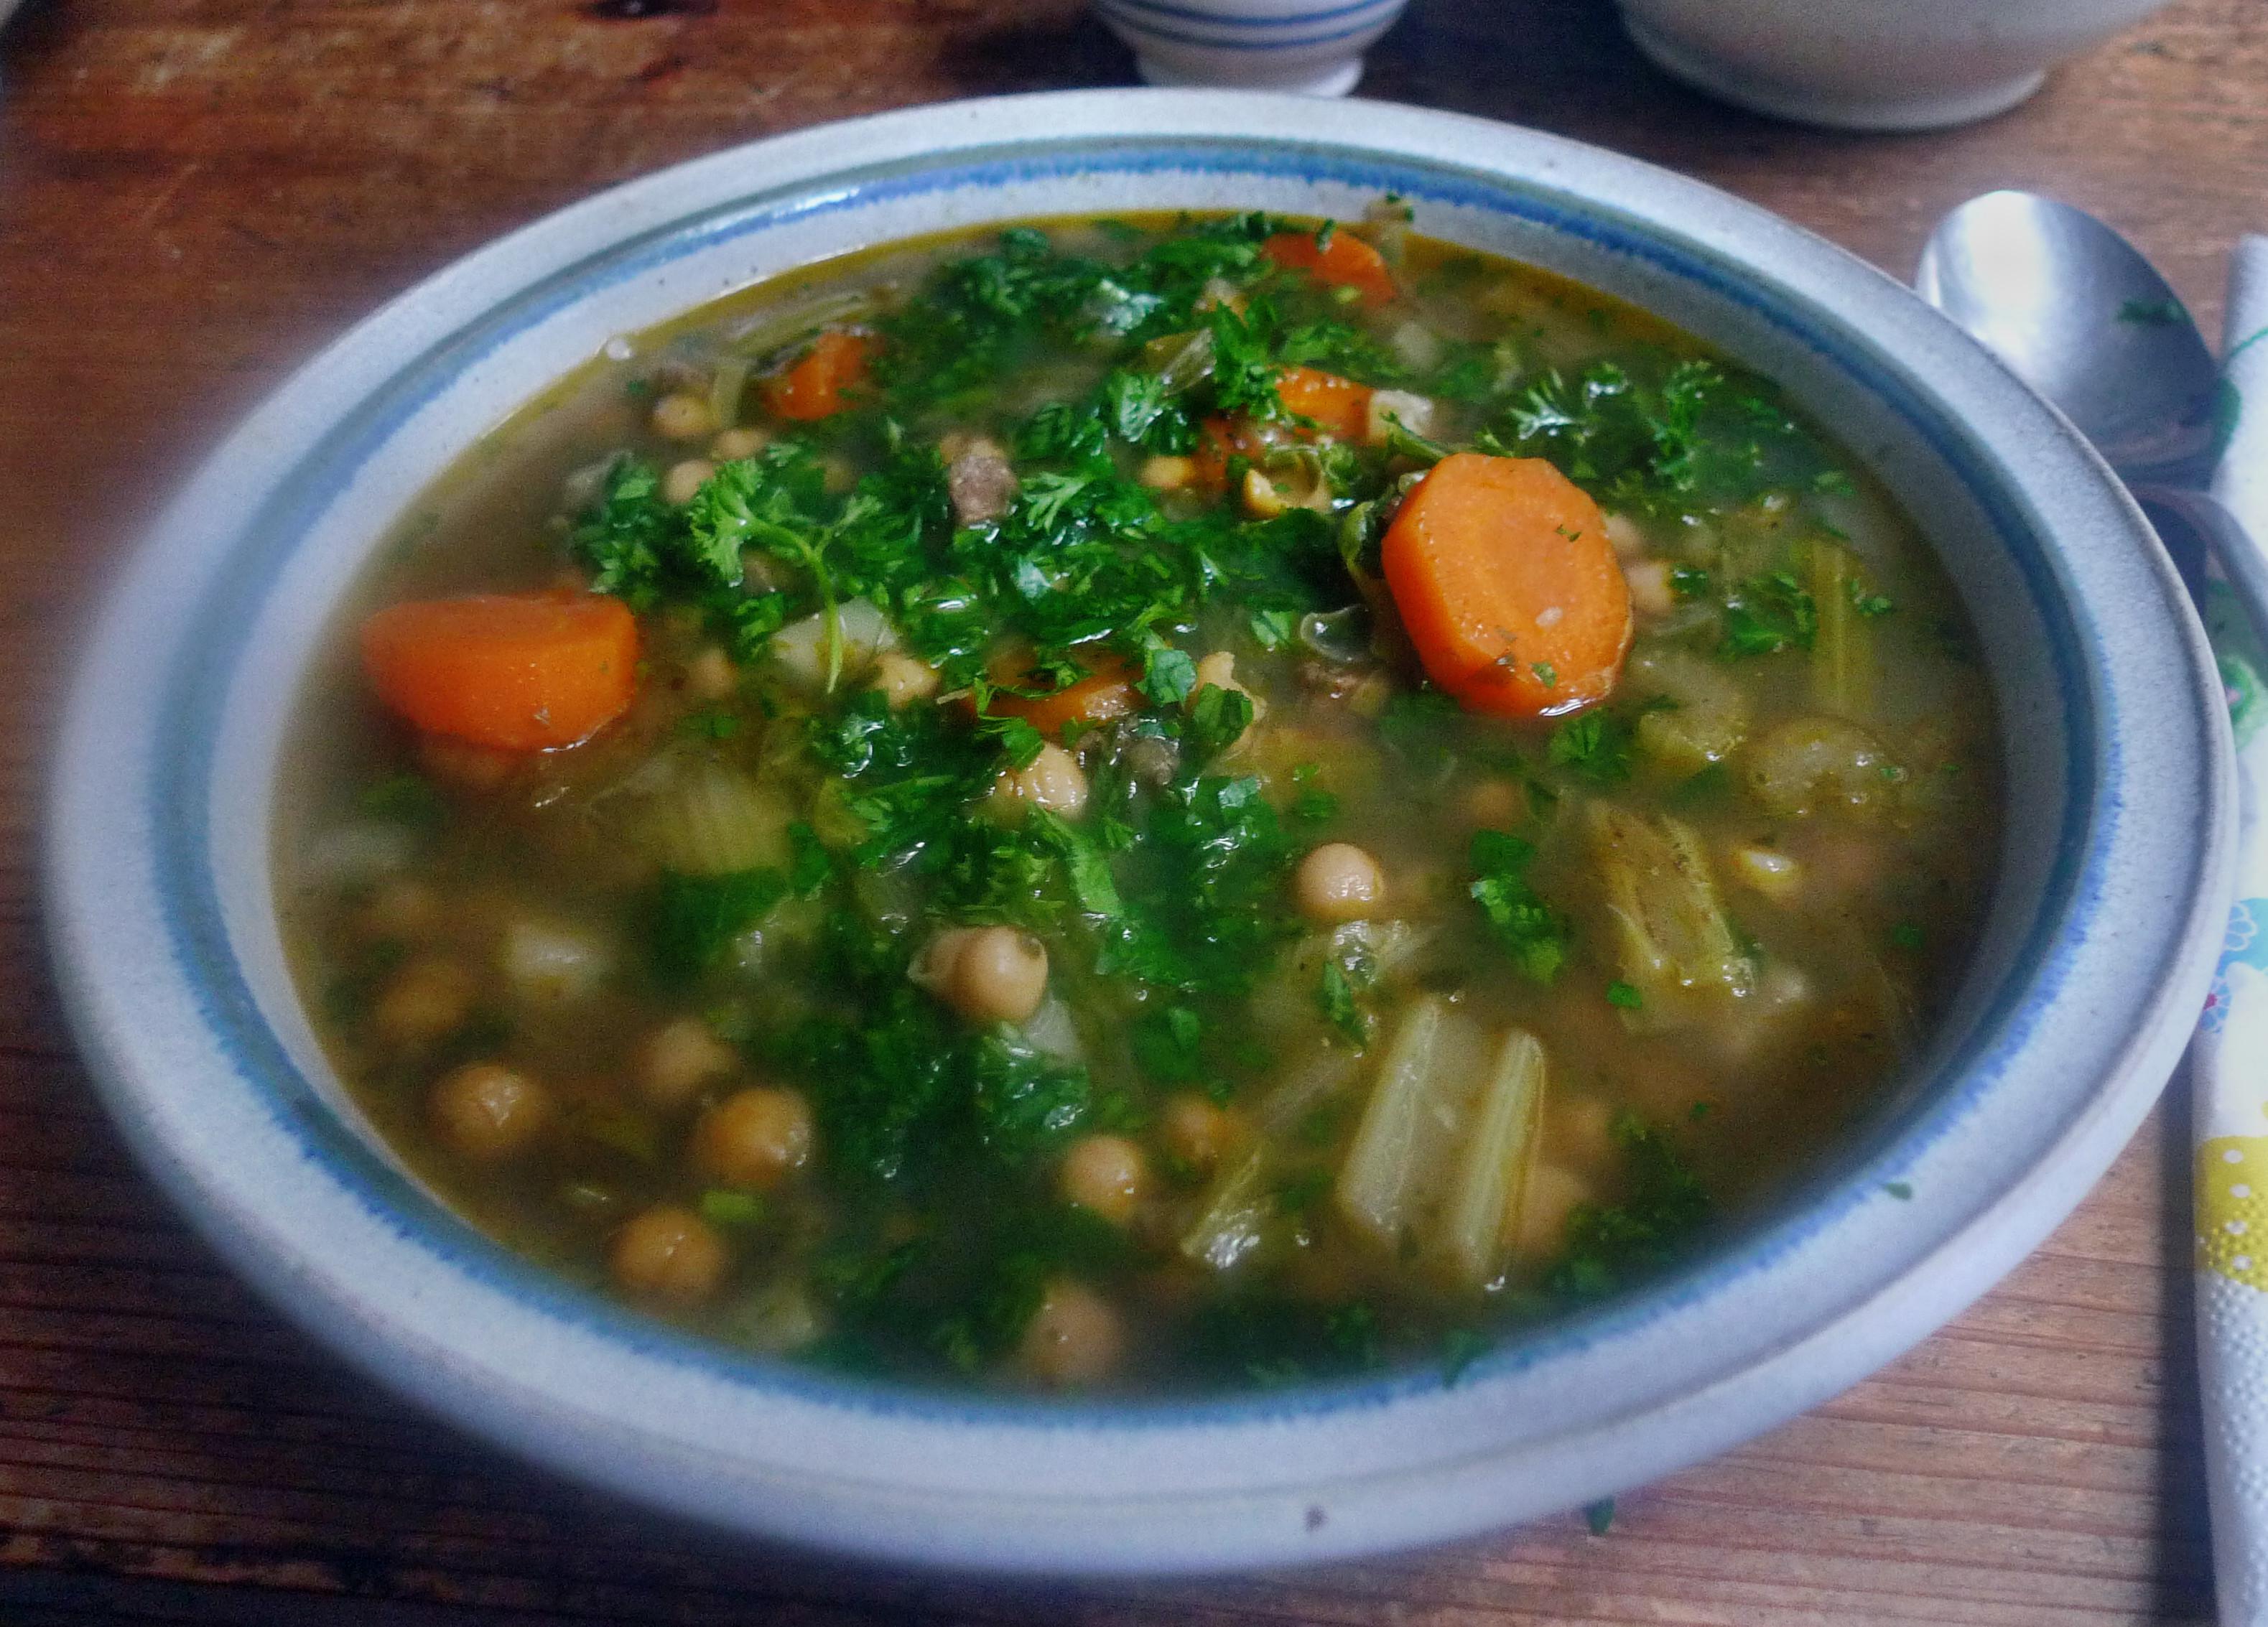 Gemüsesuppe mit Kichererbsen- vegan- 16.10.14   (17a)